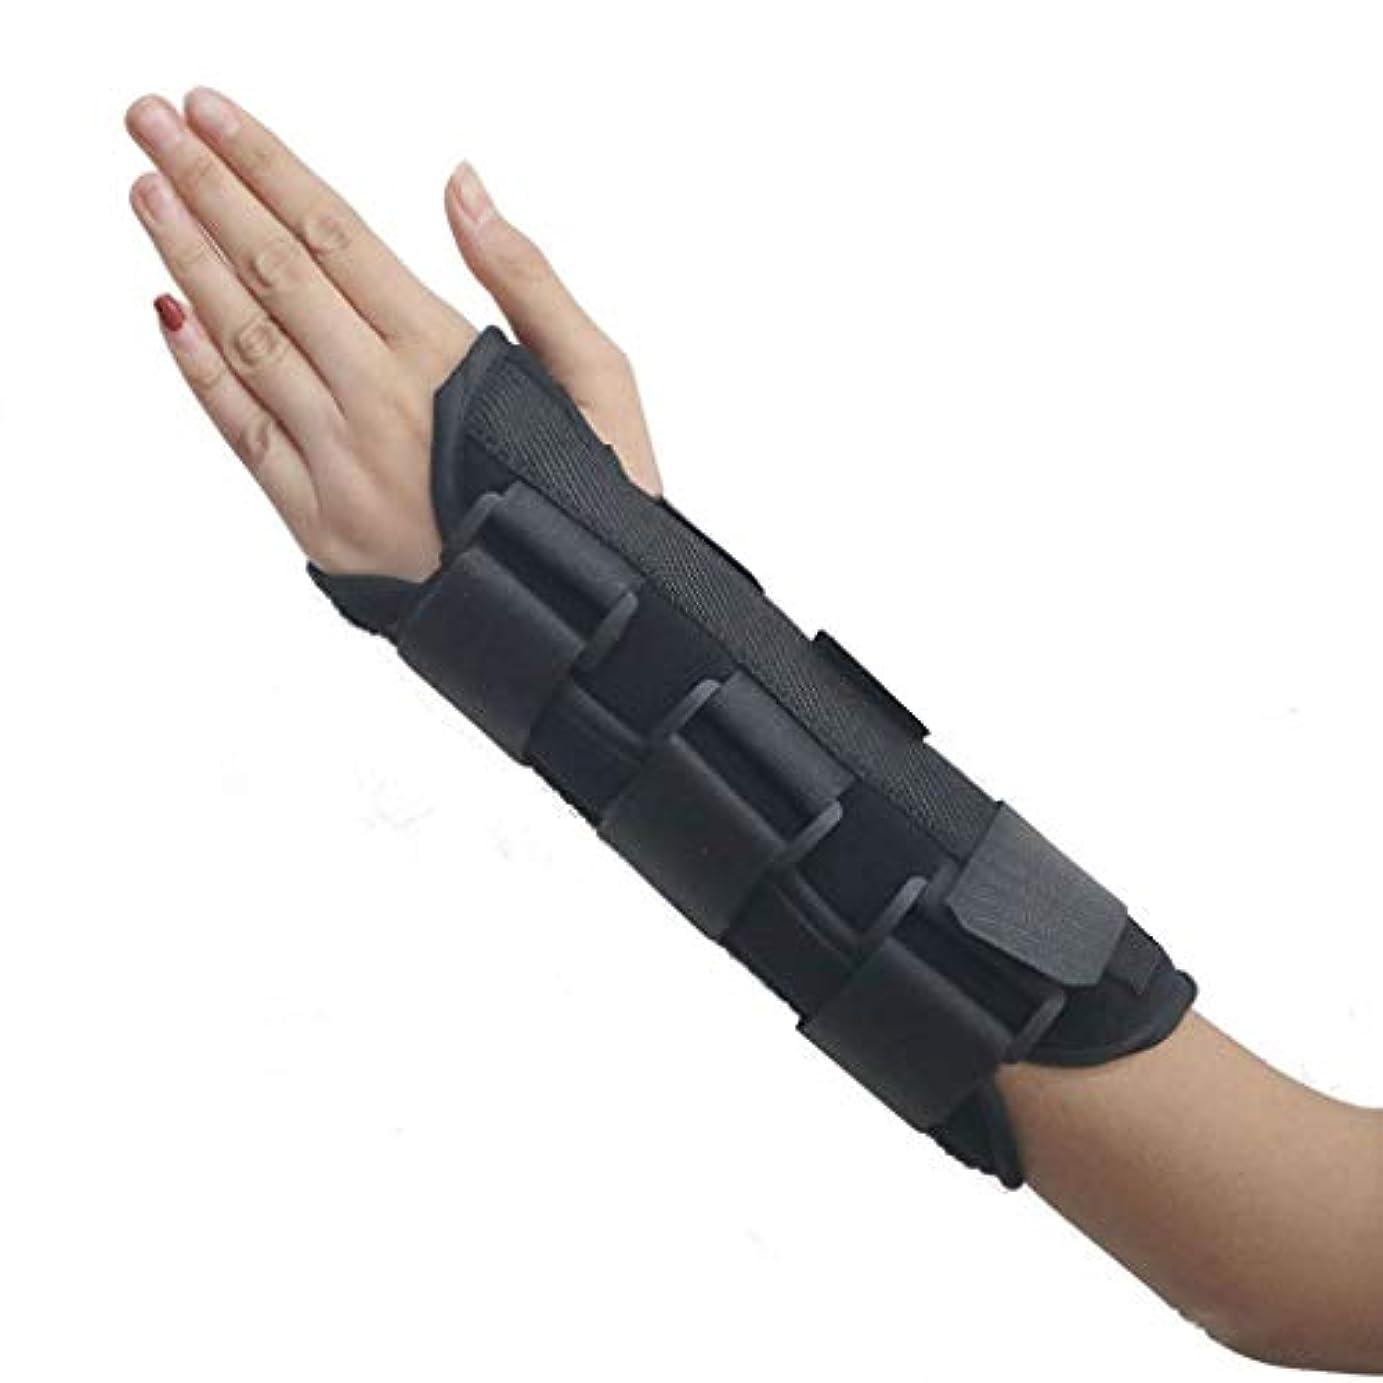 パン膜バクテリア指関節炎外反母趾矯正親指手首の傷回復回復スプリント、指セパレーター手矯正手根管、関節痛緩和矯正器,Righthand,M